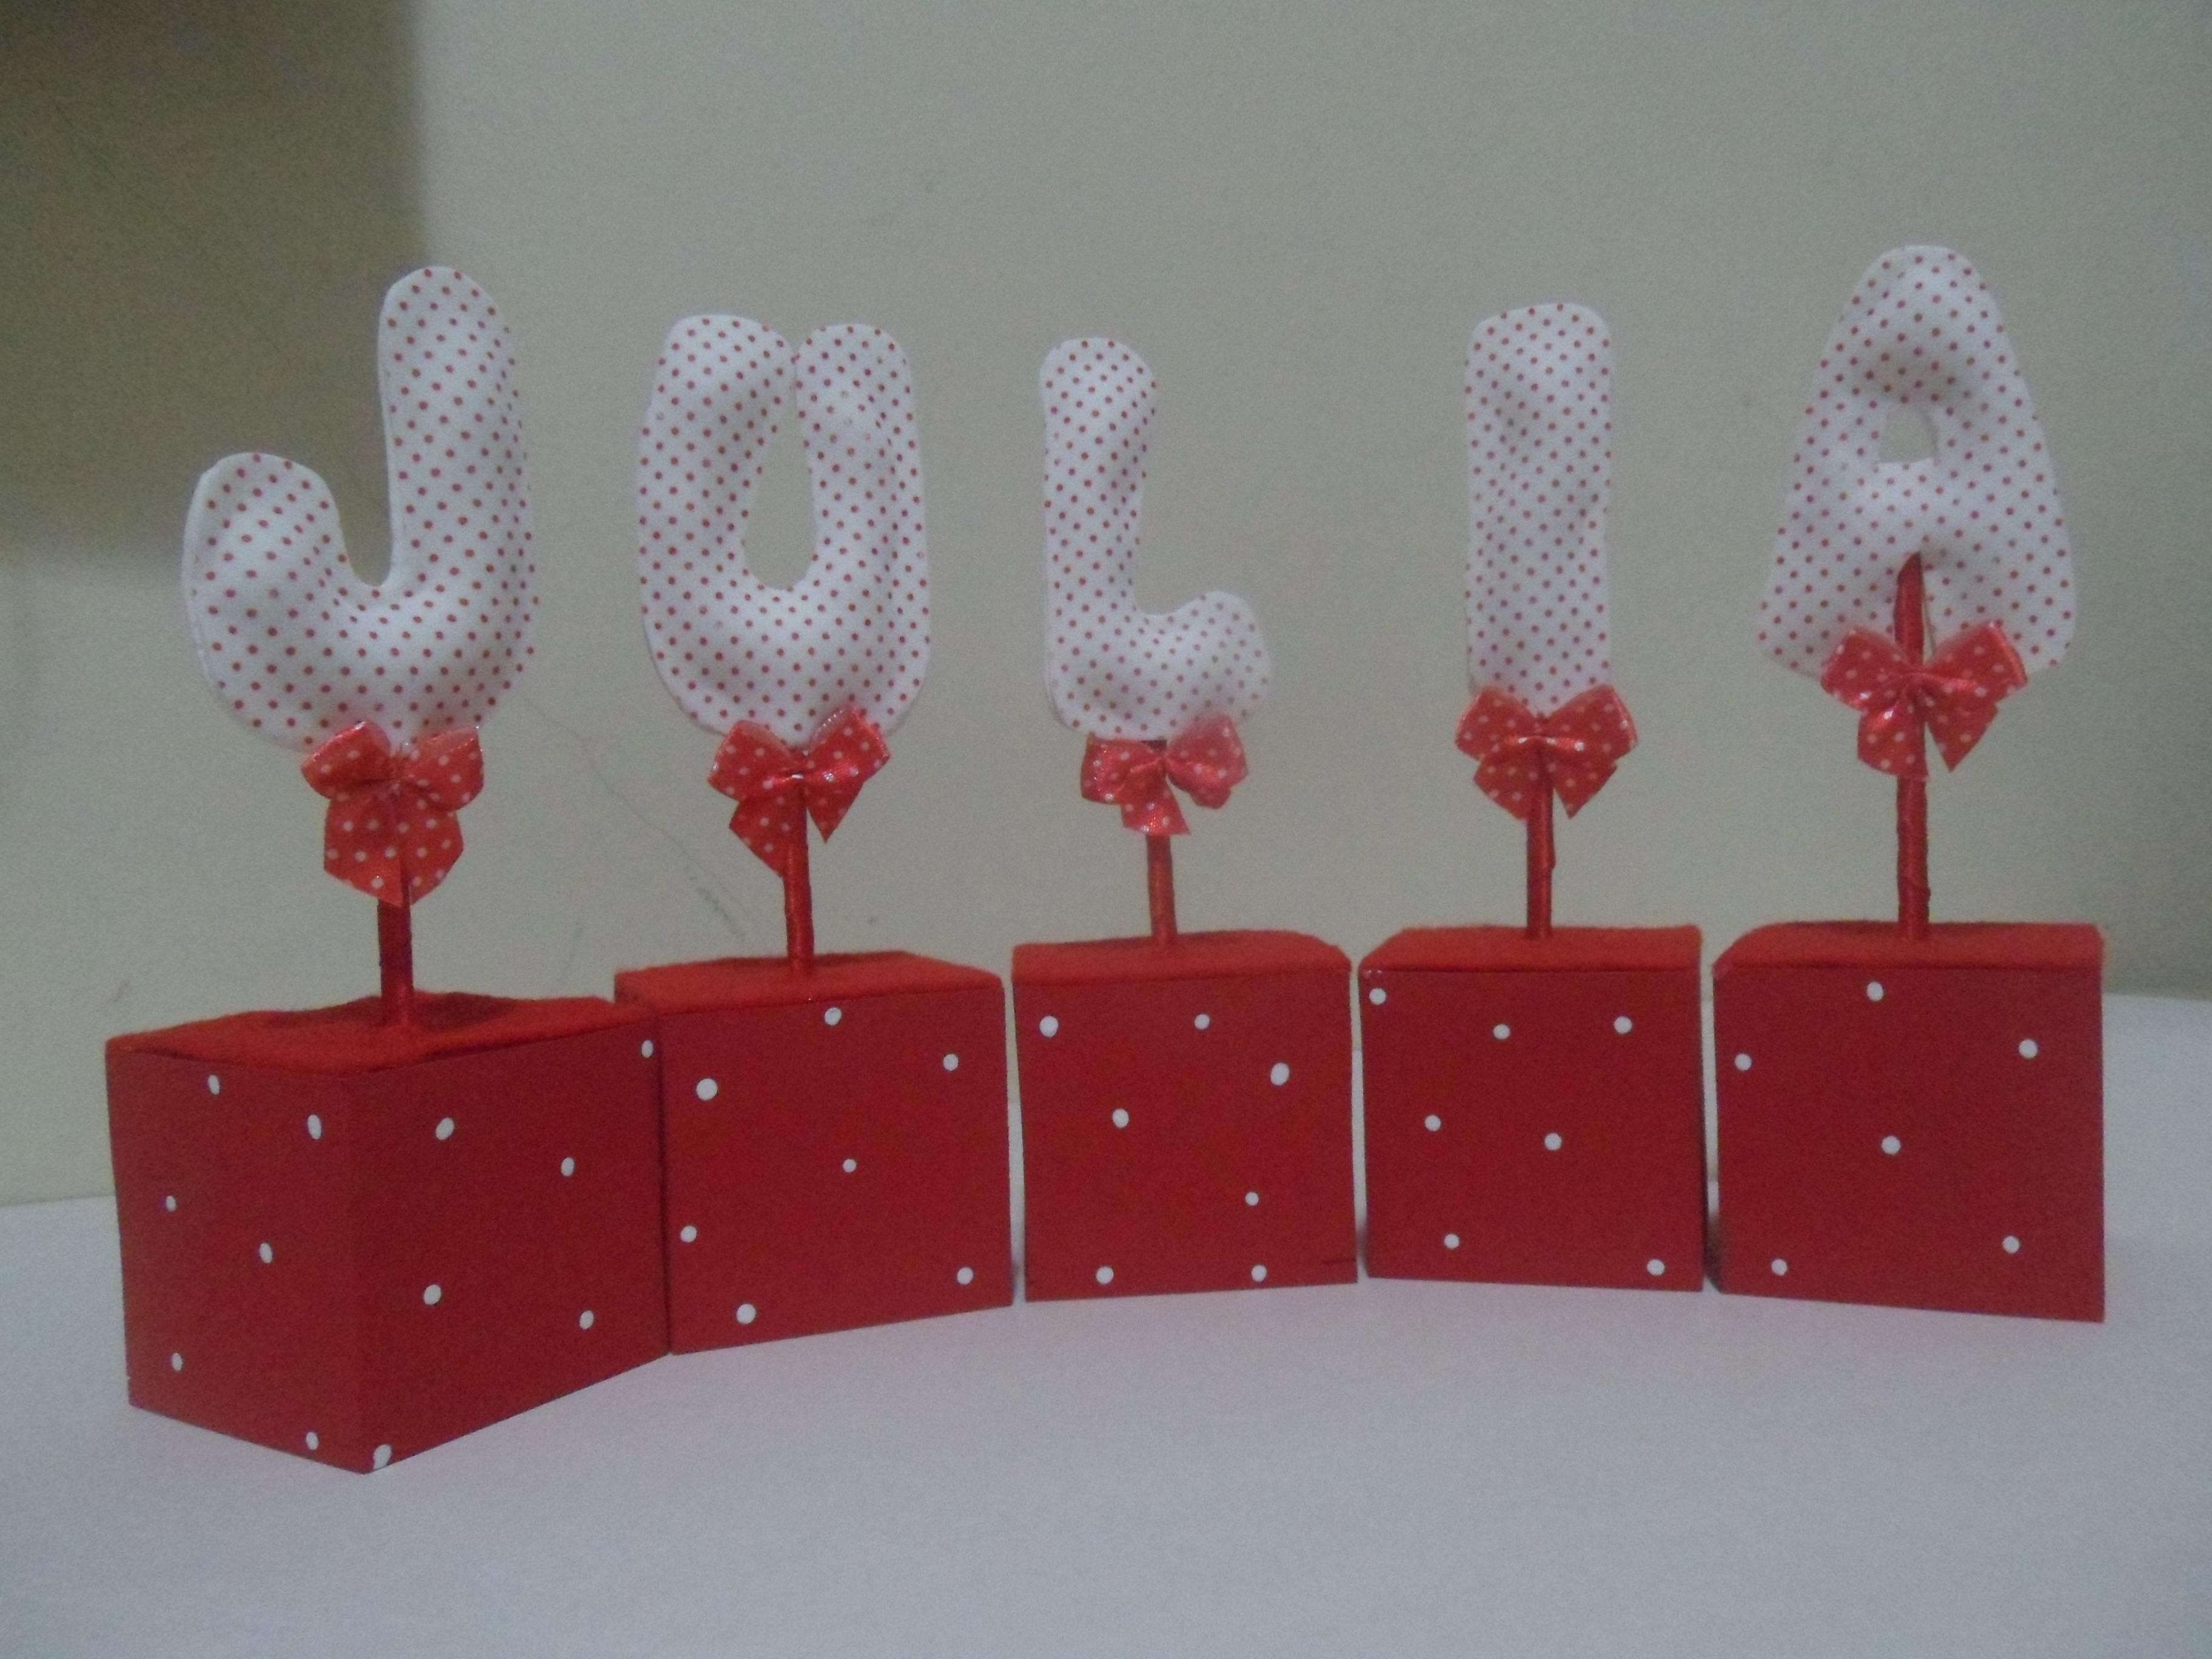 Letras decorativas para mesa artes e trakinagens elo7 - Letras decorativas pared ...